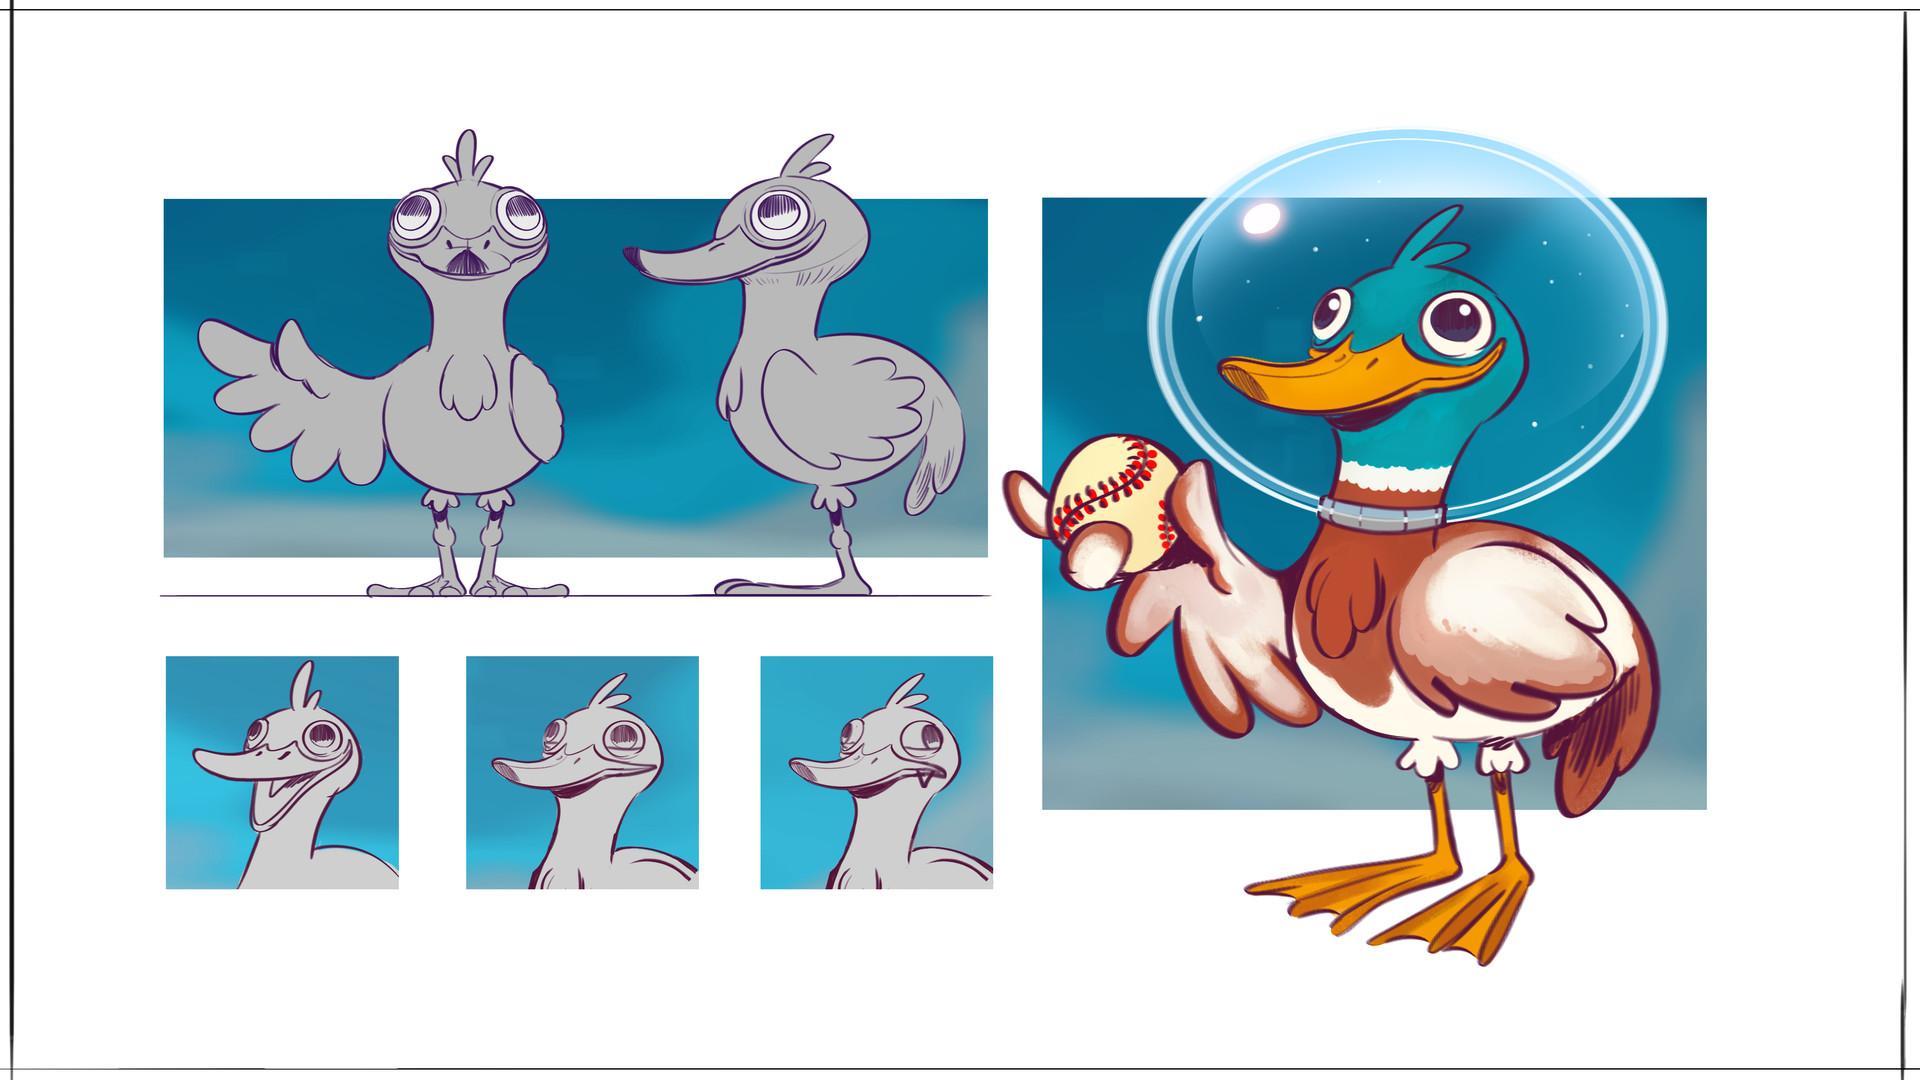 Francesco mazza francesco mazza bongo duck character sheet v01